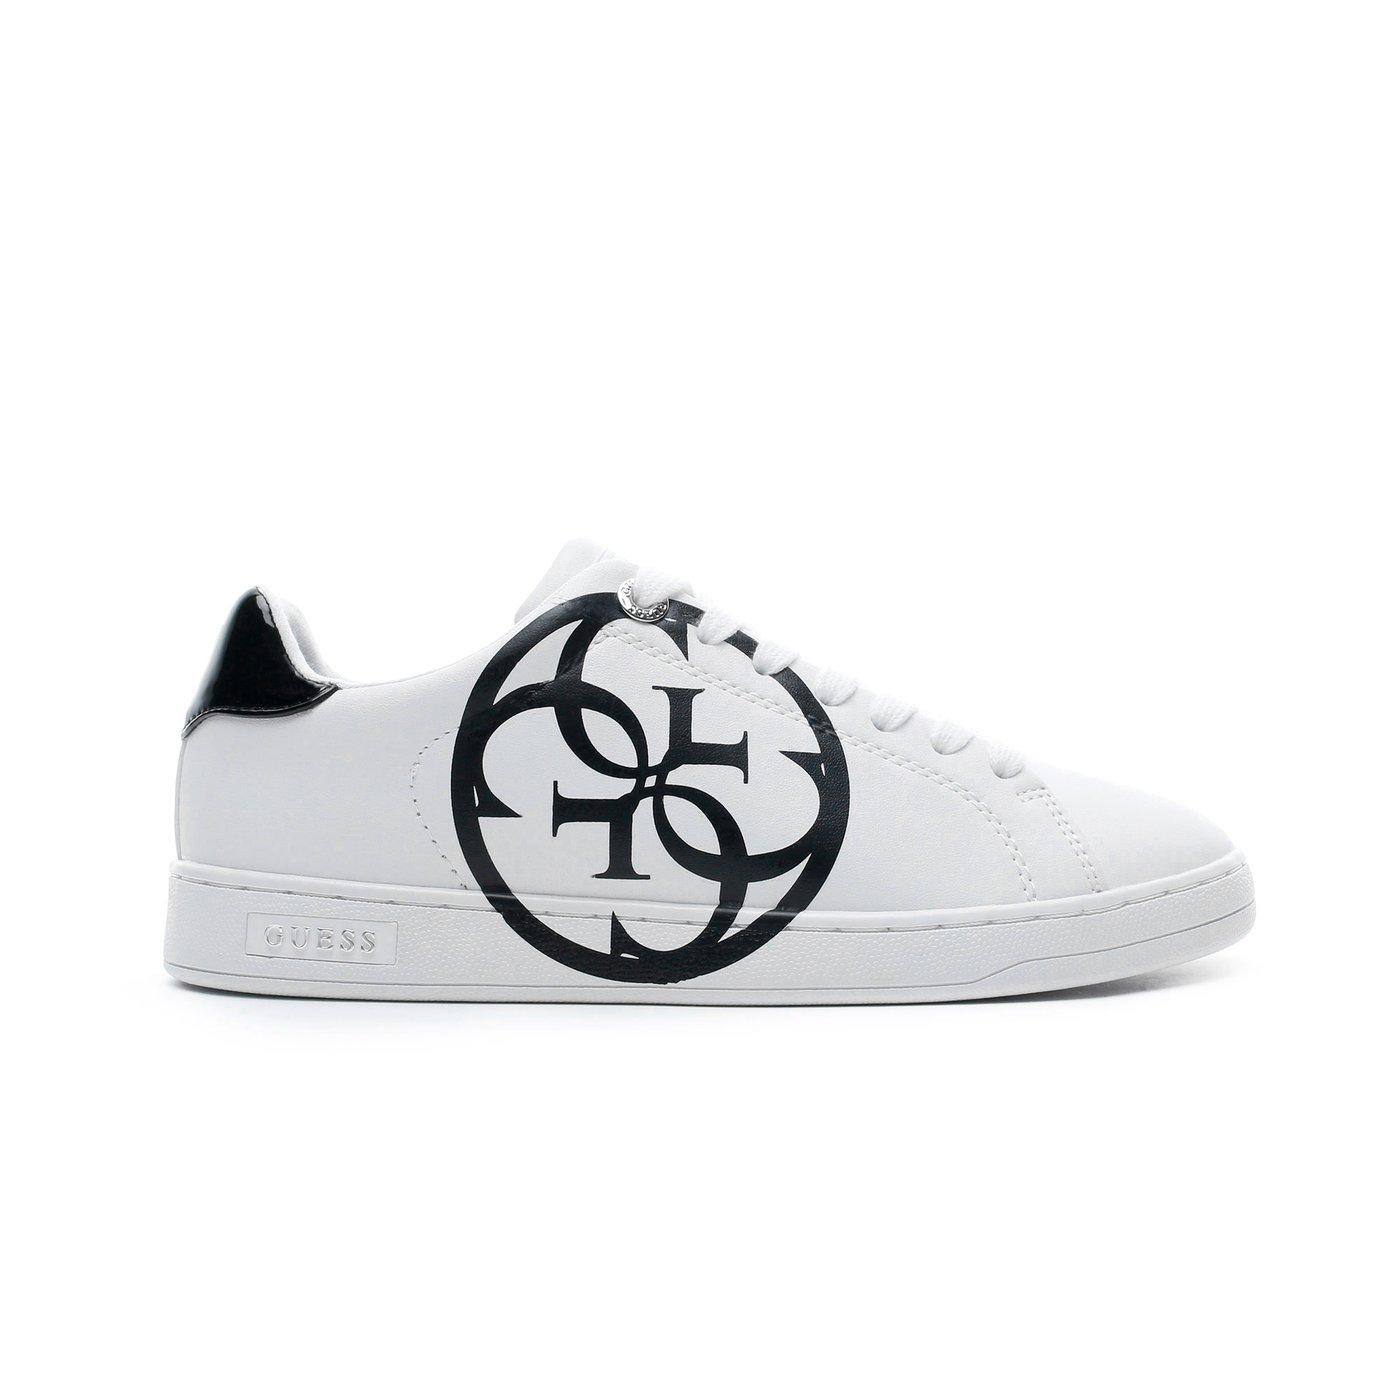 Guess Cambry Beyaz Kadın Spor Ayakkabı